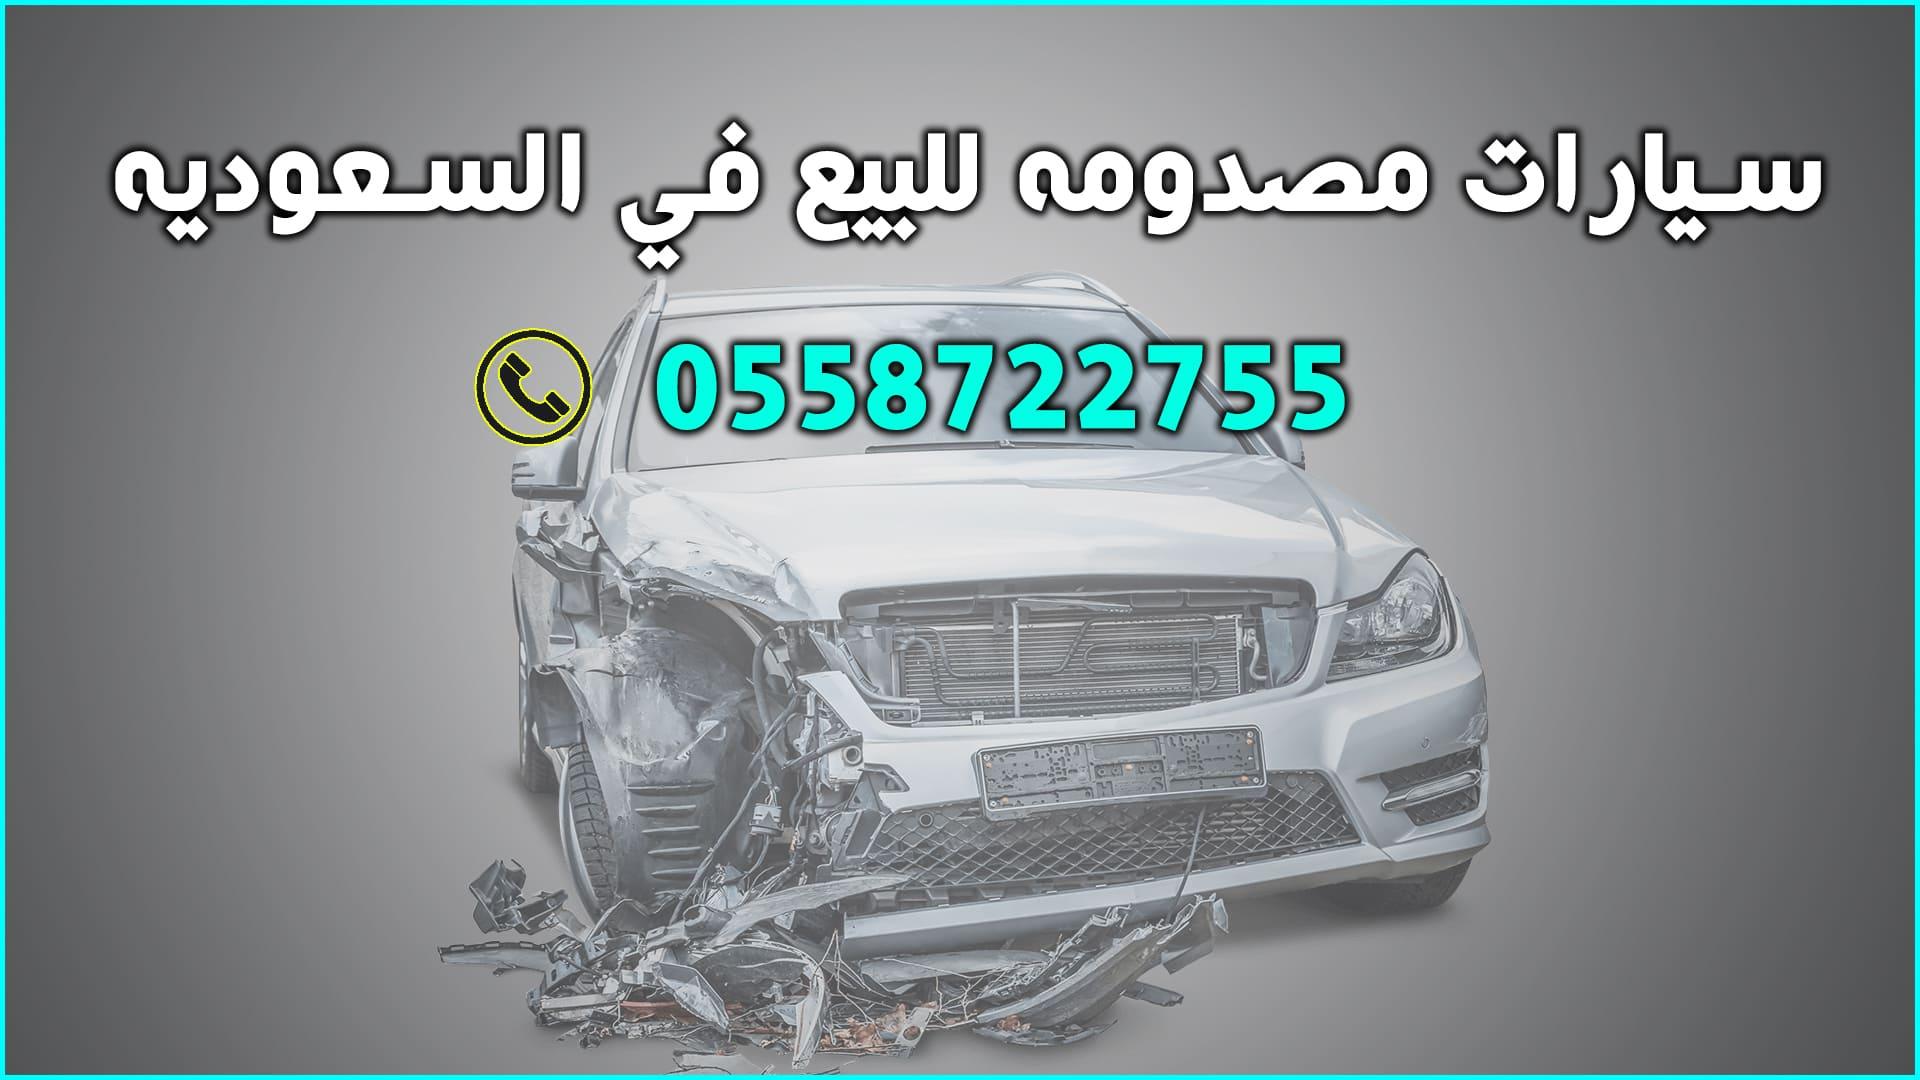 سيارات مصدومه للبيع في السعوديه شراء سيارات تشليح تشليح سيارات في السعودية 0504616556